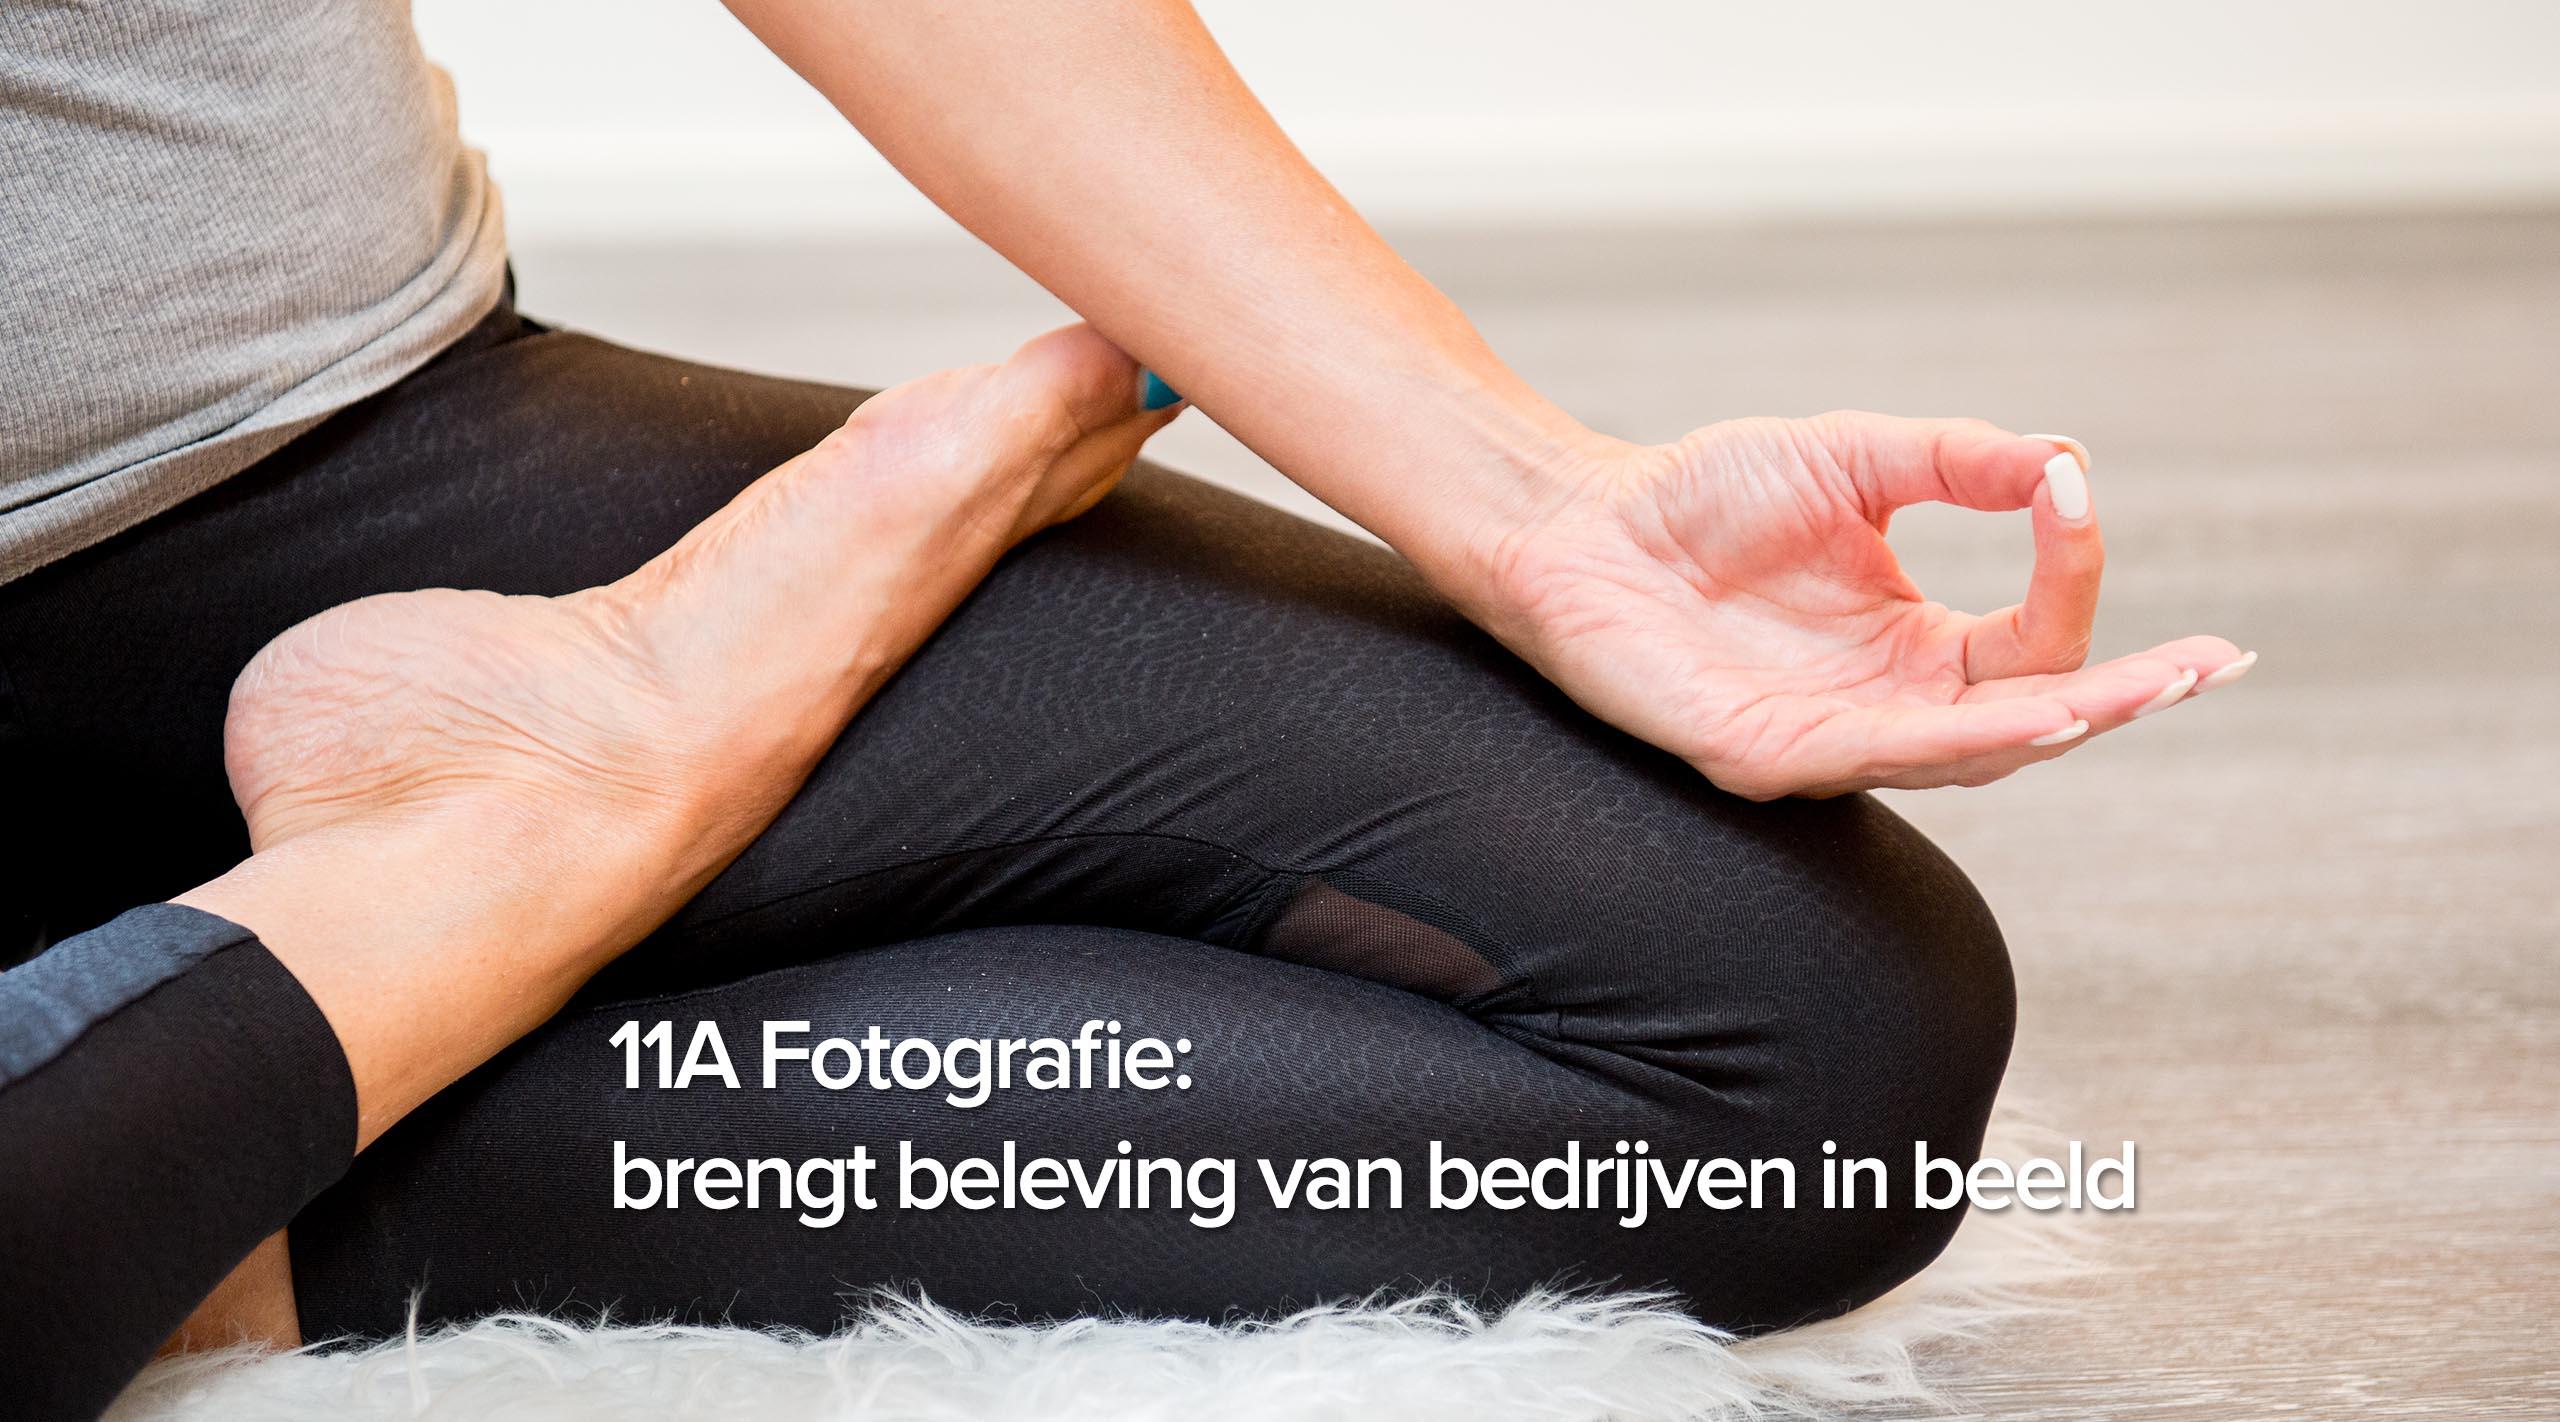 11A Fotografie: brengt beleving van bedrijven in beeld